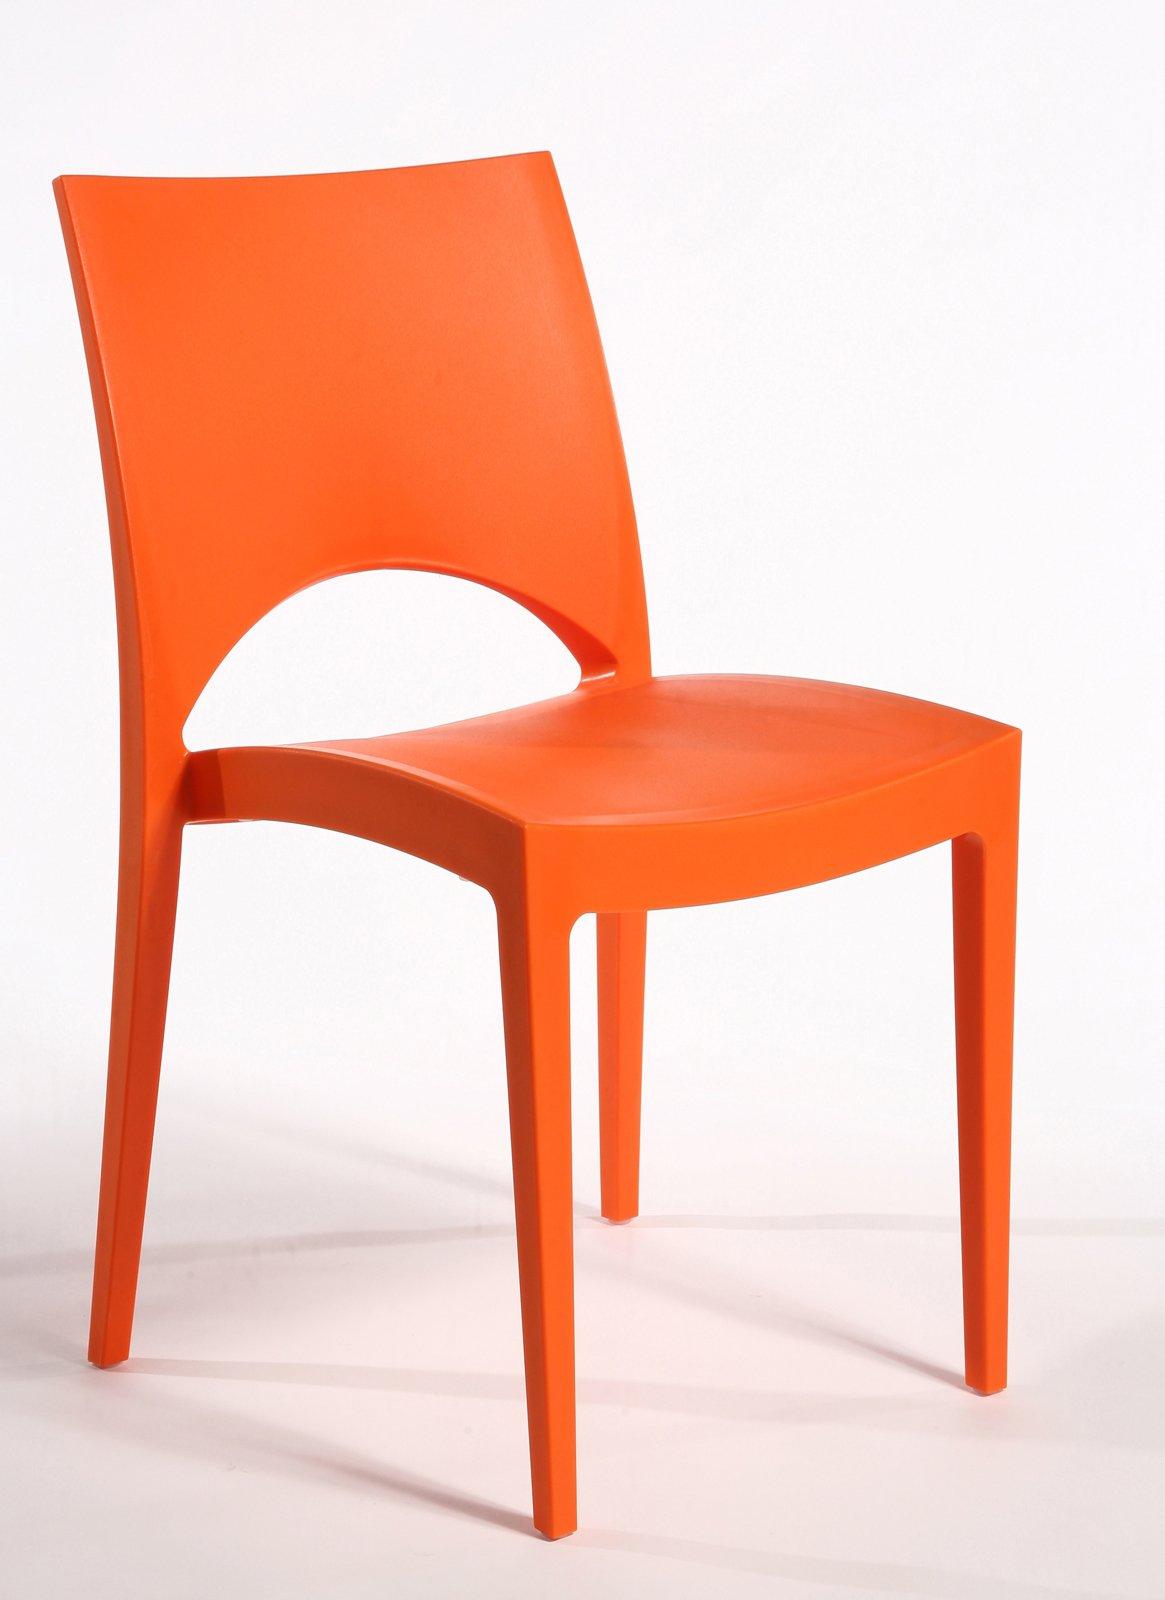 Sedie low cost 15 modelli a meno di 100 euro cose di casa - Sedia posturale ikea ...